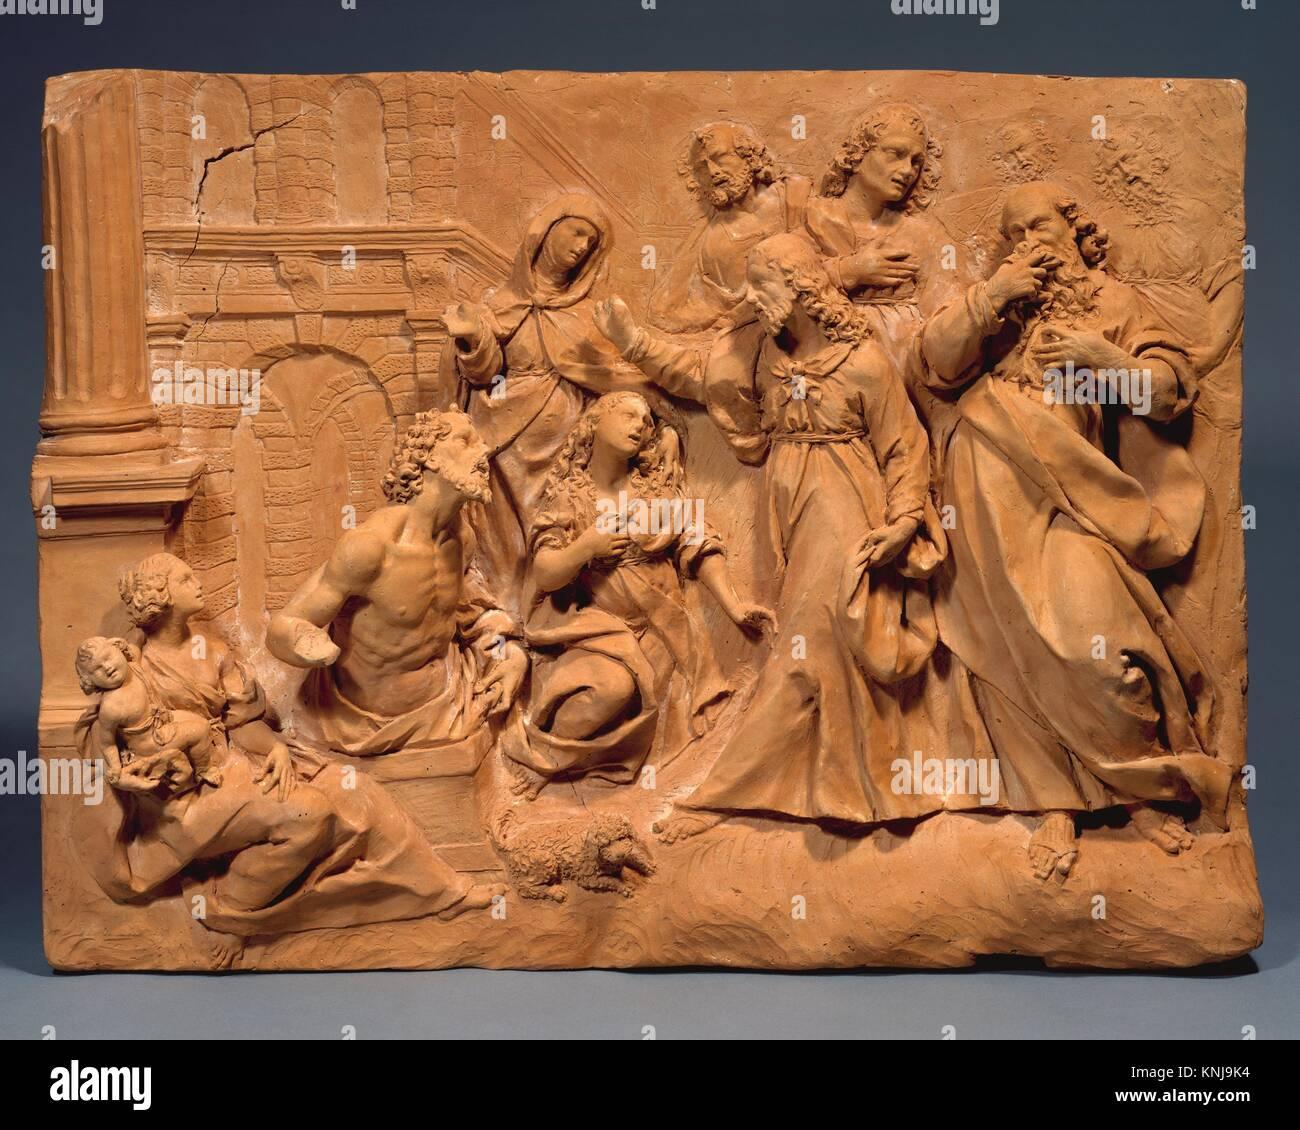 Die Auferweckung des Lazarus. Datum: Ca. 1620; Kultur: Wahrscheinlich Italienisch, Mailand; Medium: Terrakotta; Stockbild